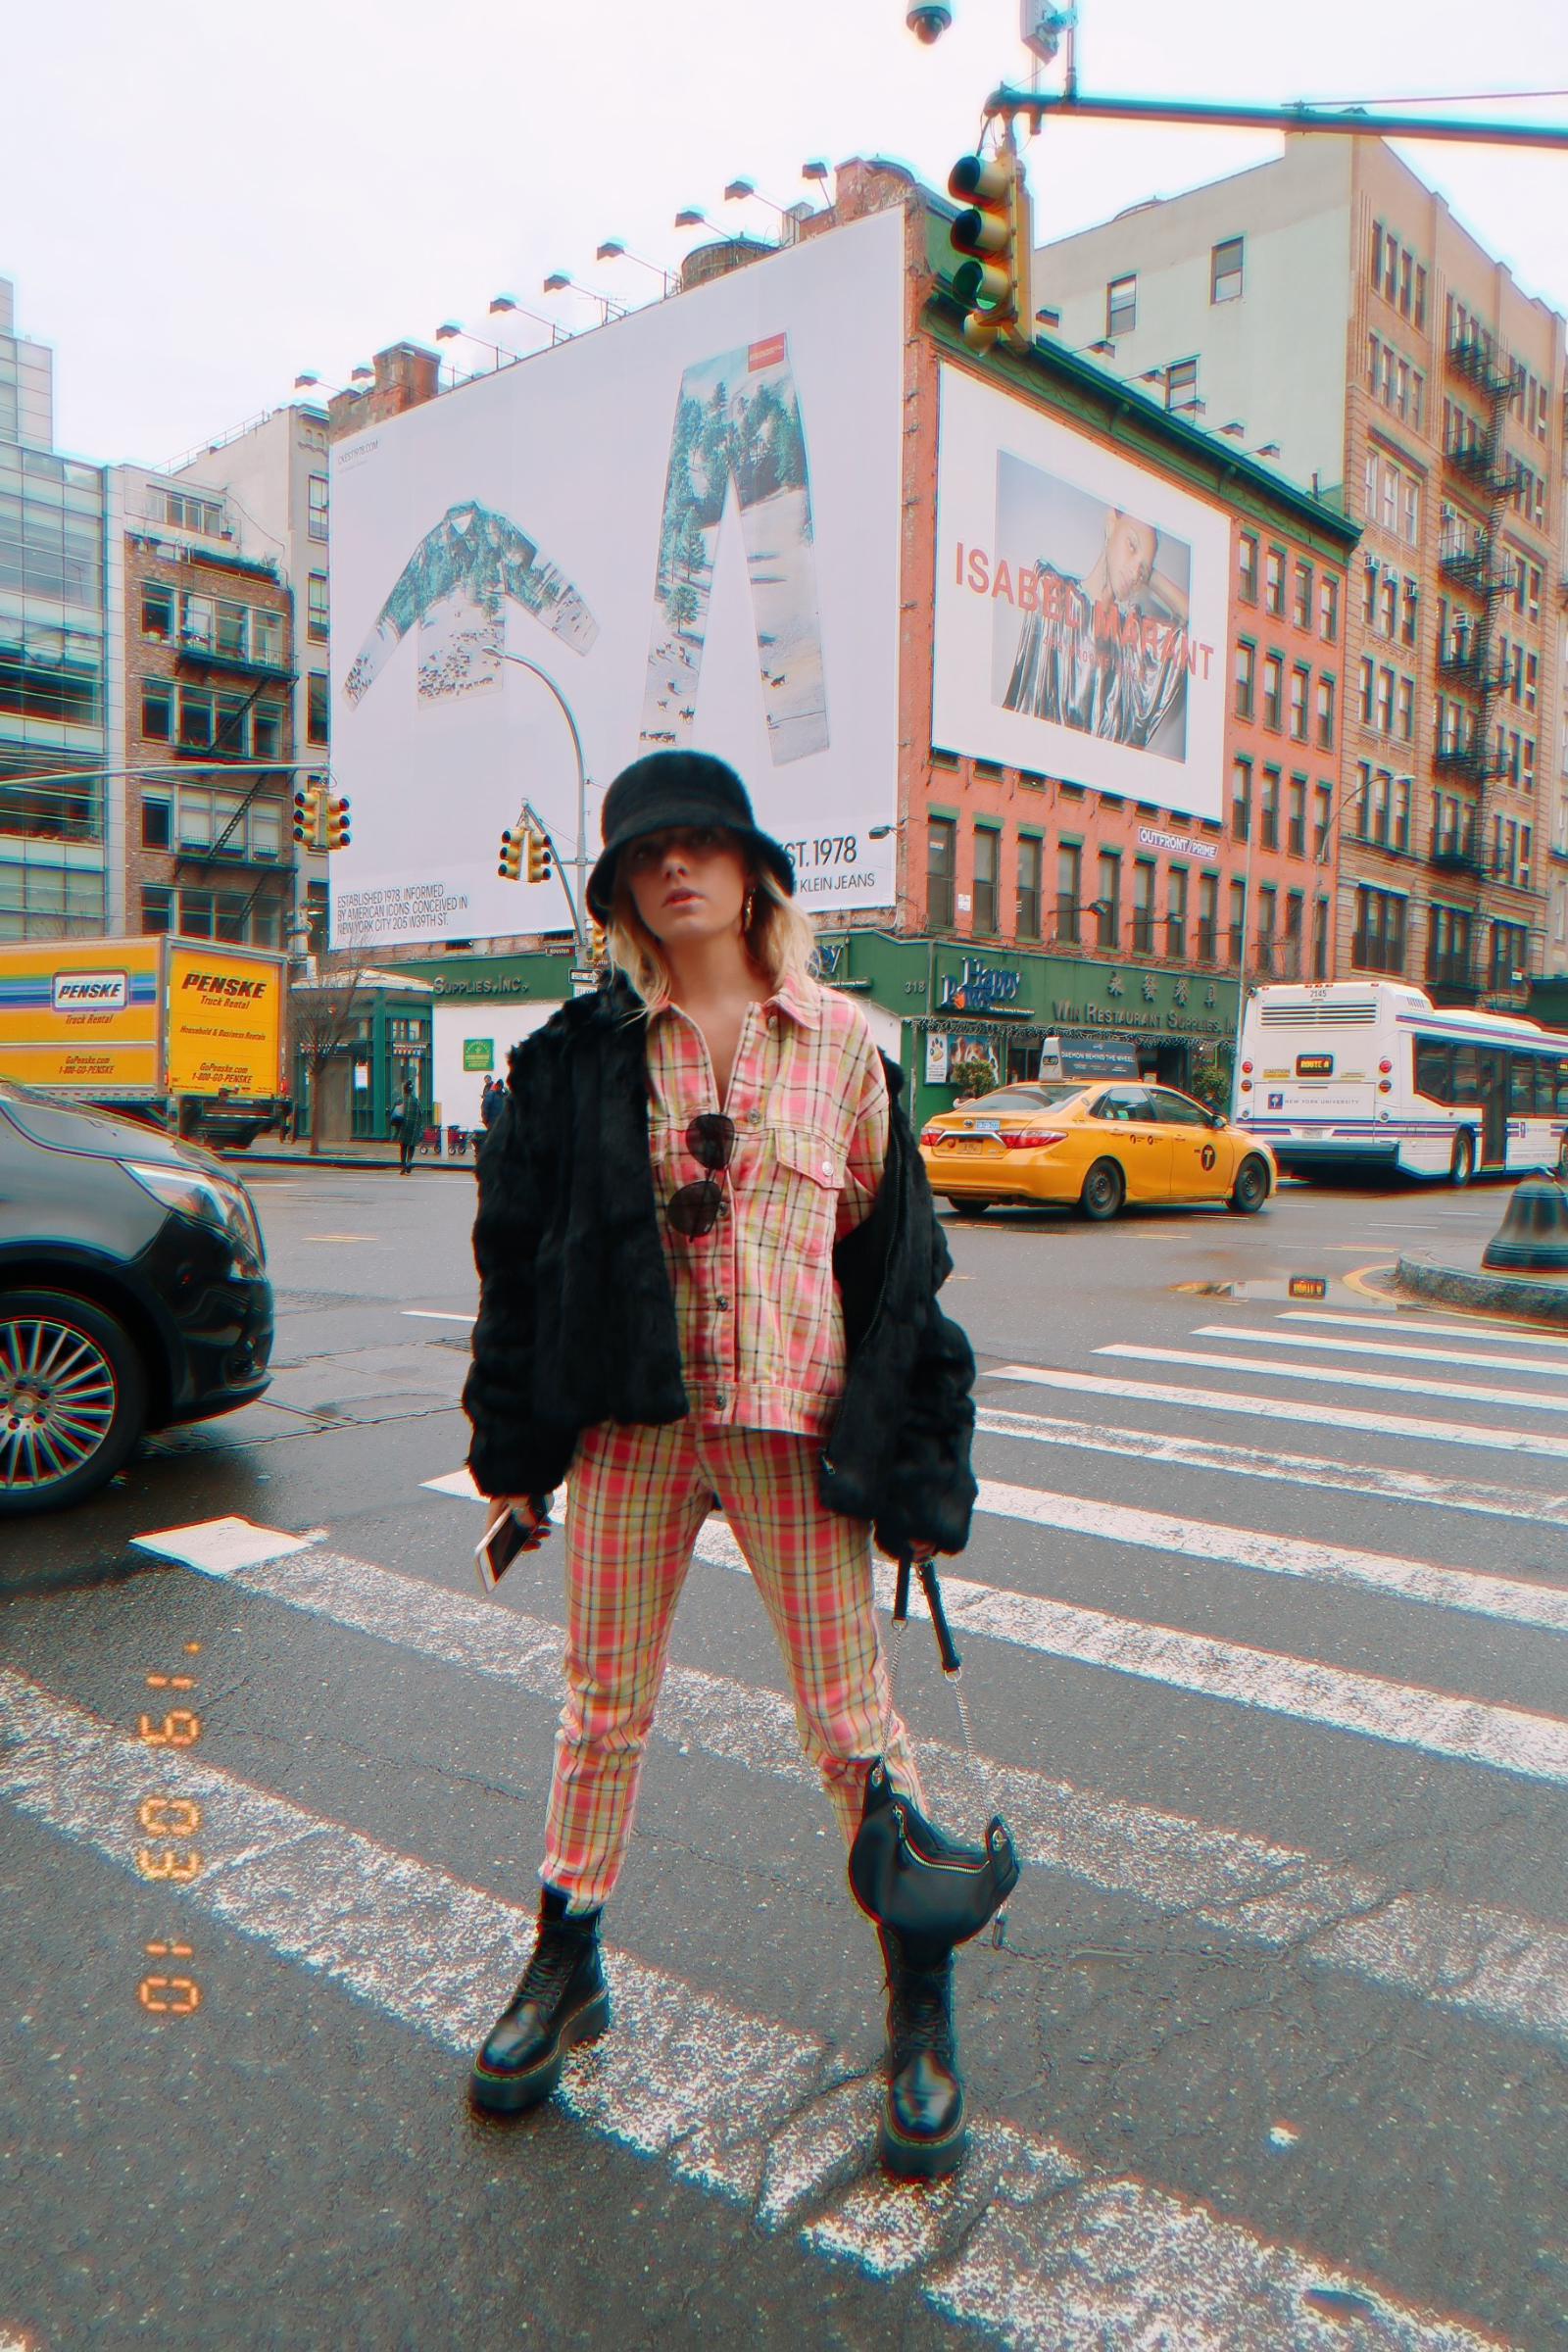 FW19 Photo Diary